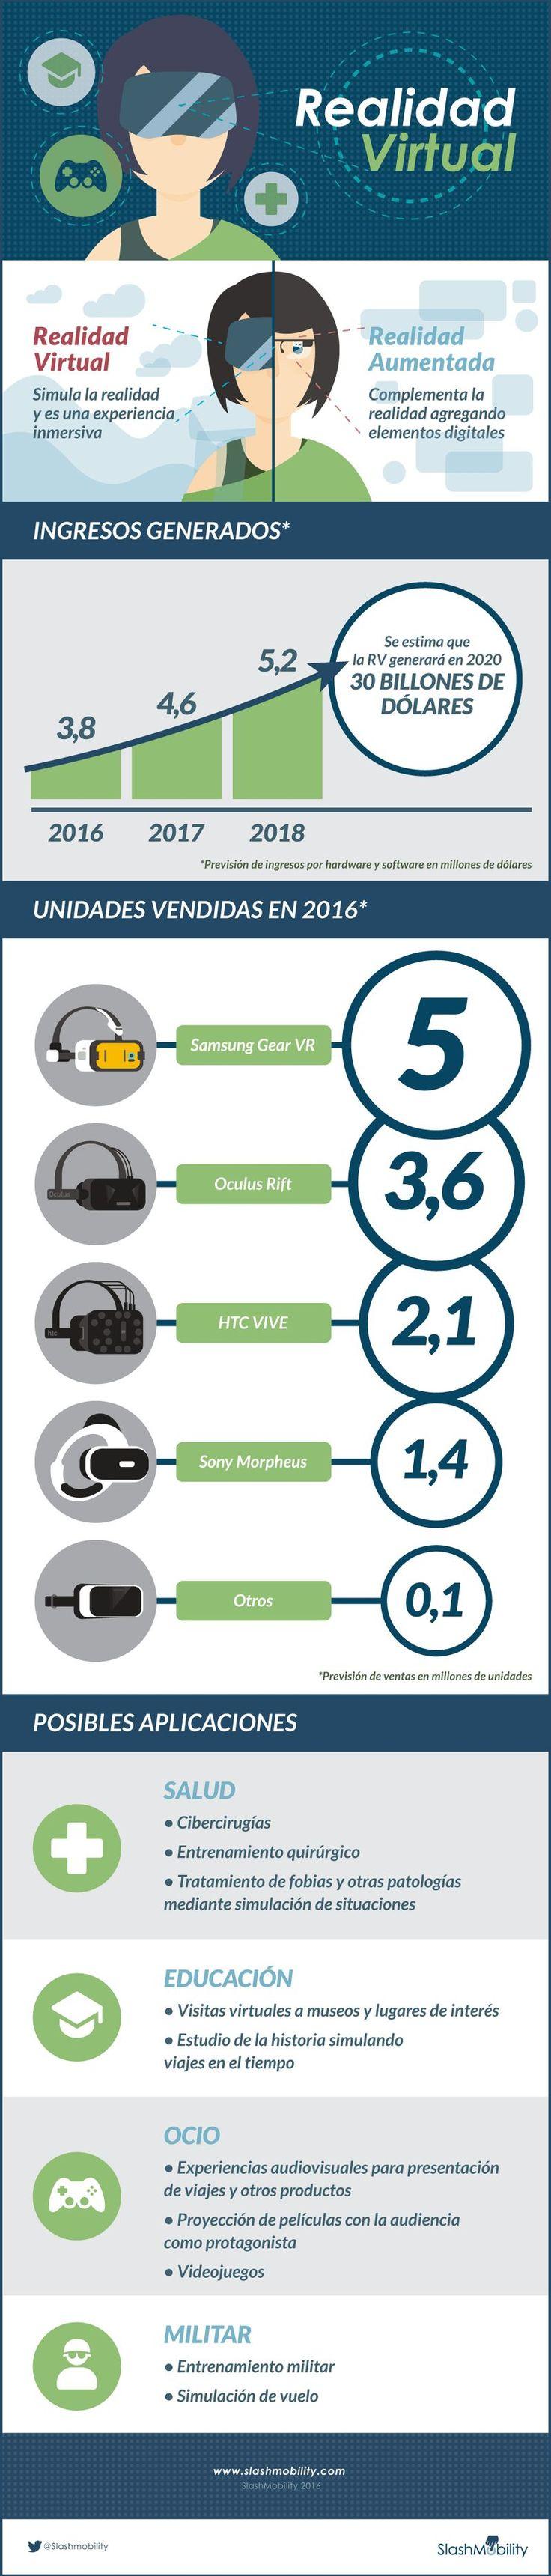 Infografía sobre la Realidad Virtual que nos da información sobre en qué consiste esta tecnología y cuáles son sus posibles usos futuros y actuales.